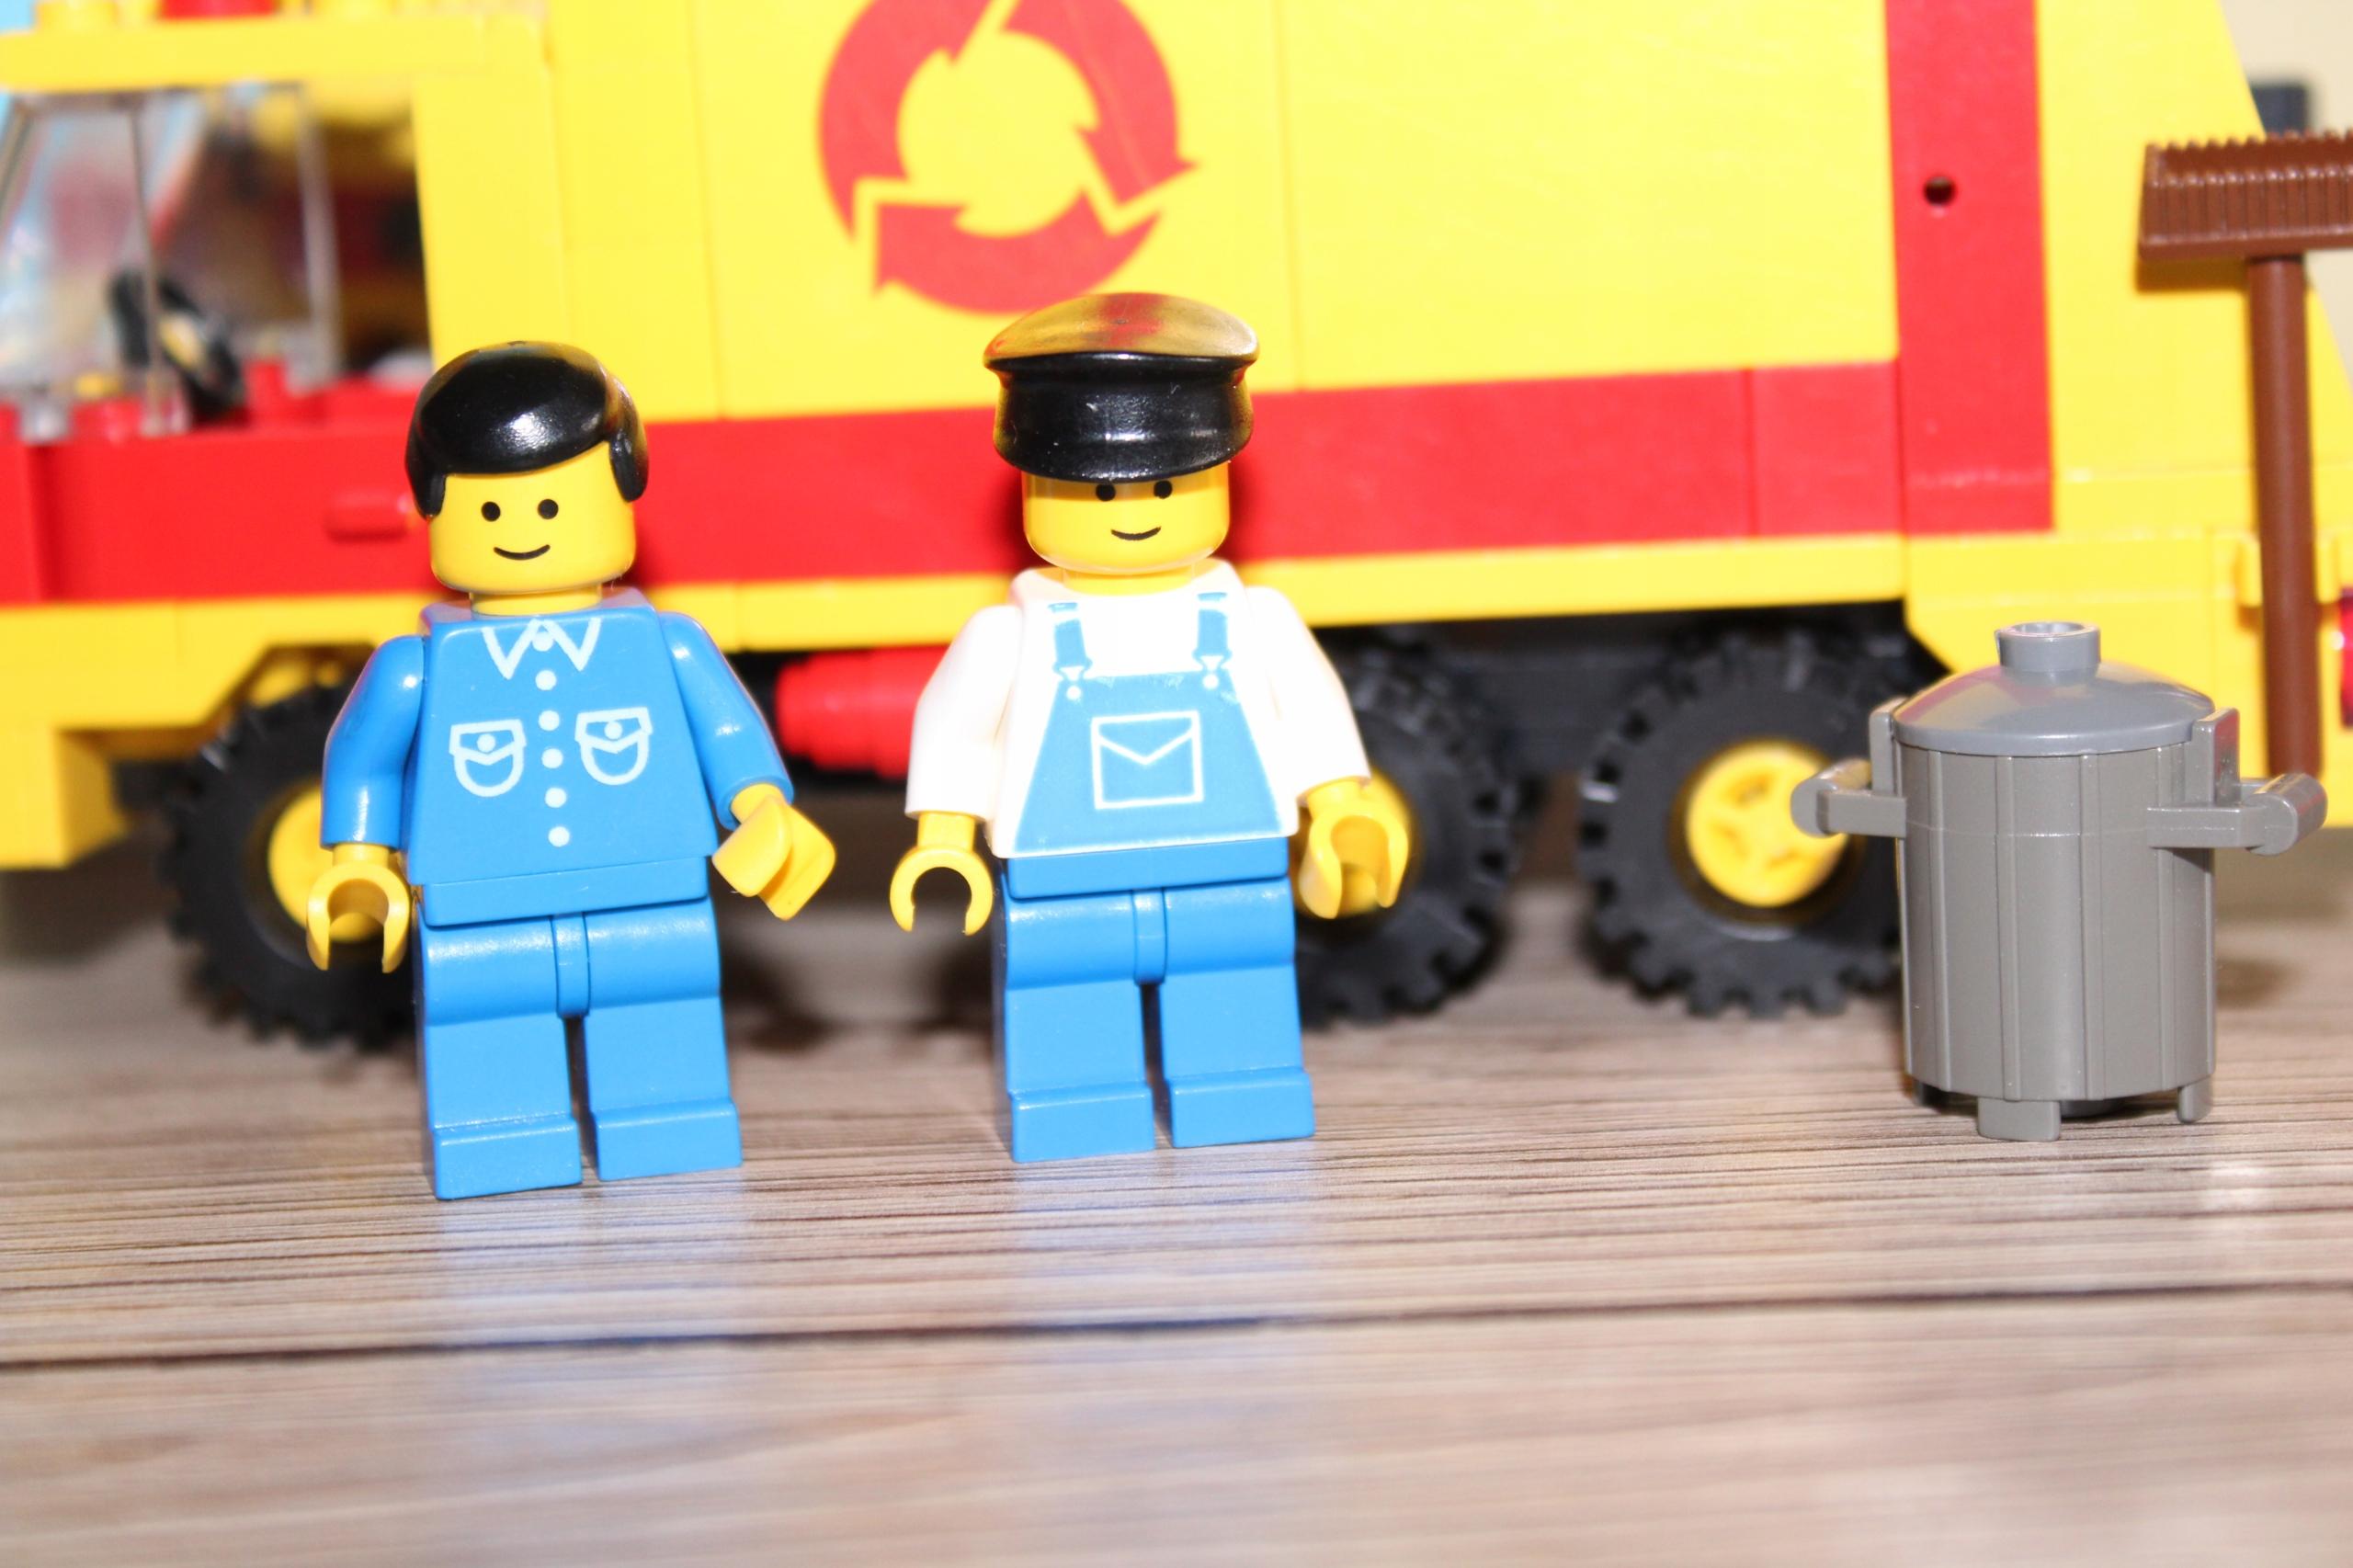 Lego 6693 City Town Legoland śmieciarka Instrukcja 7567425018